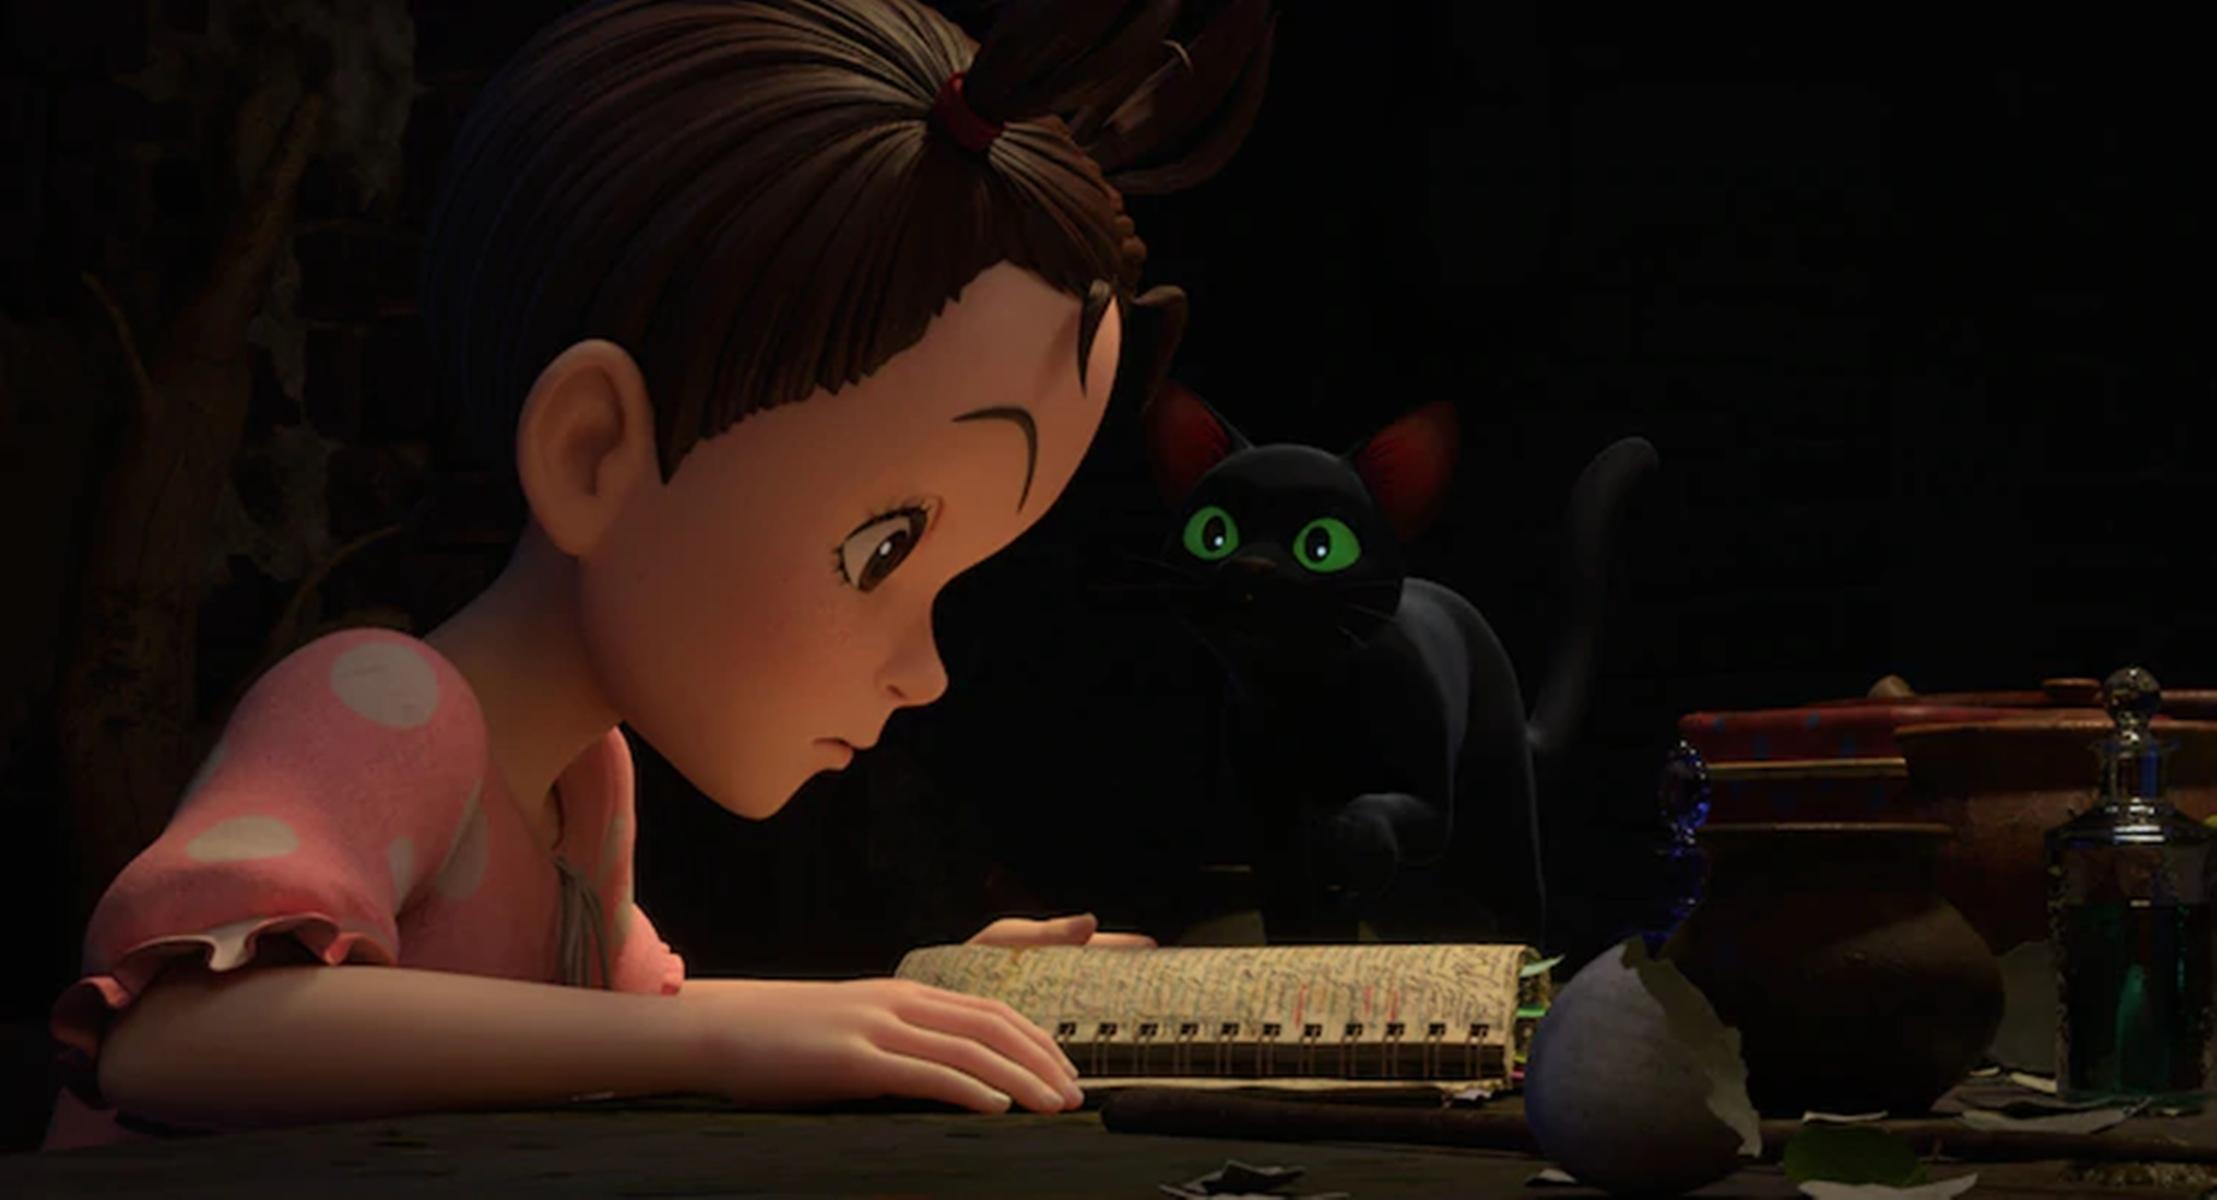 Ghibli показала постер и кадры «Аи и ведьмы» — первого полнометражного CG-проекта студии 6